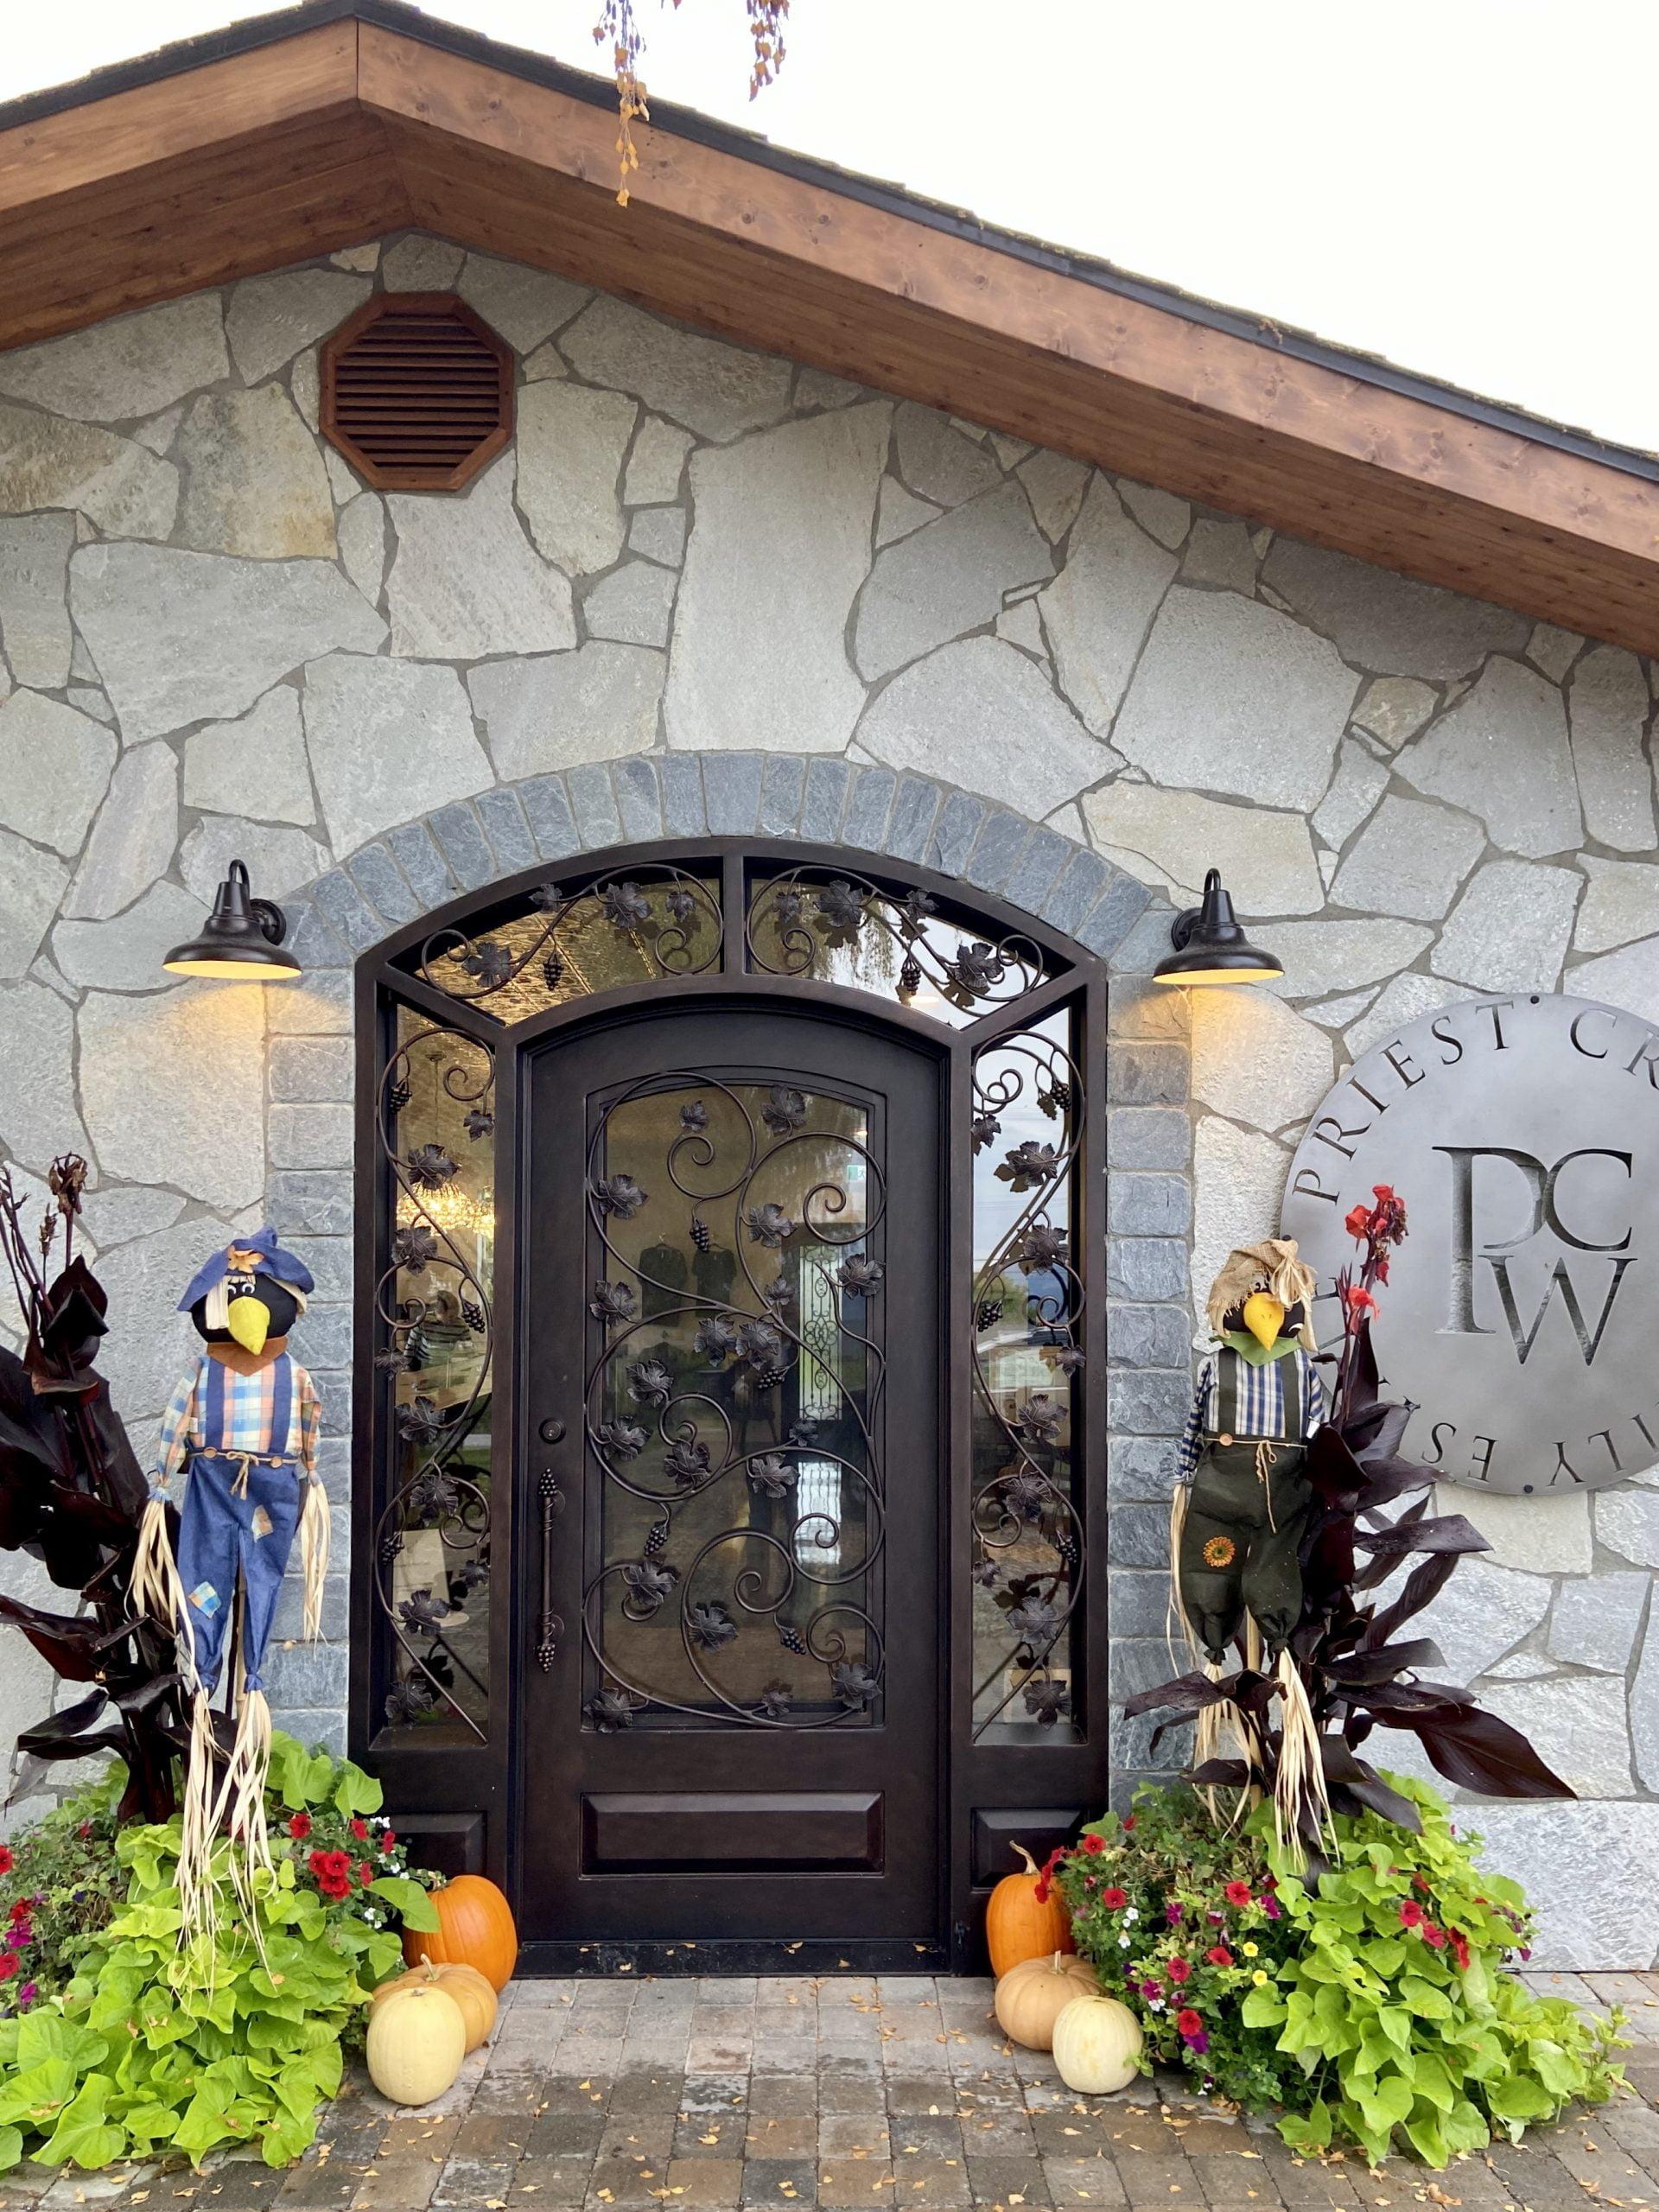 priest-creek-family-estate-winery-door